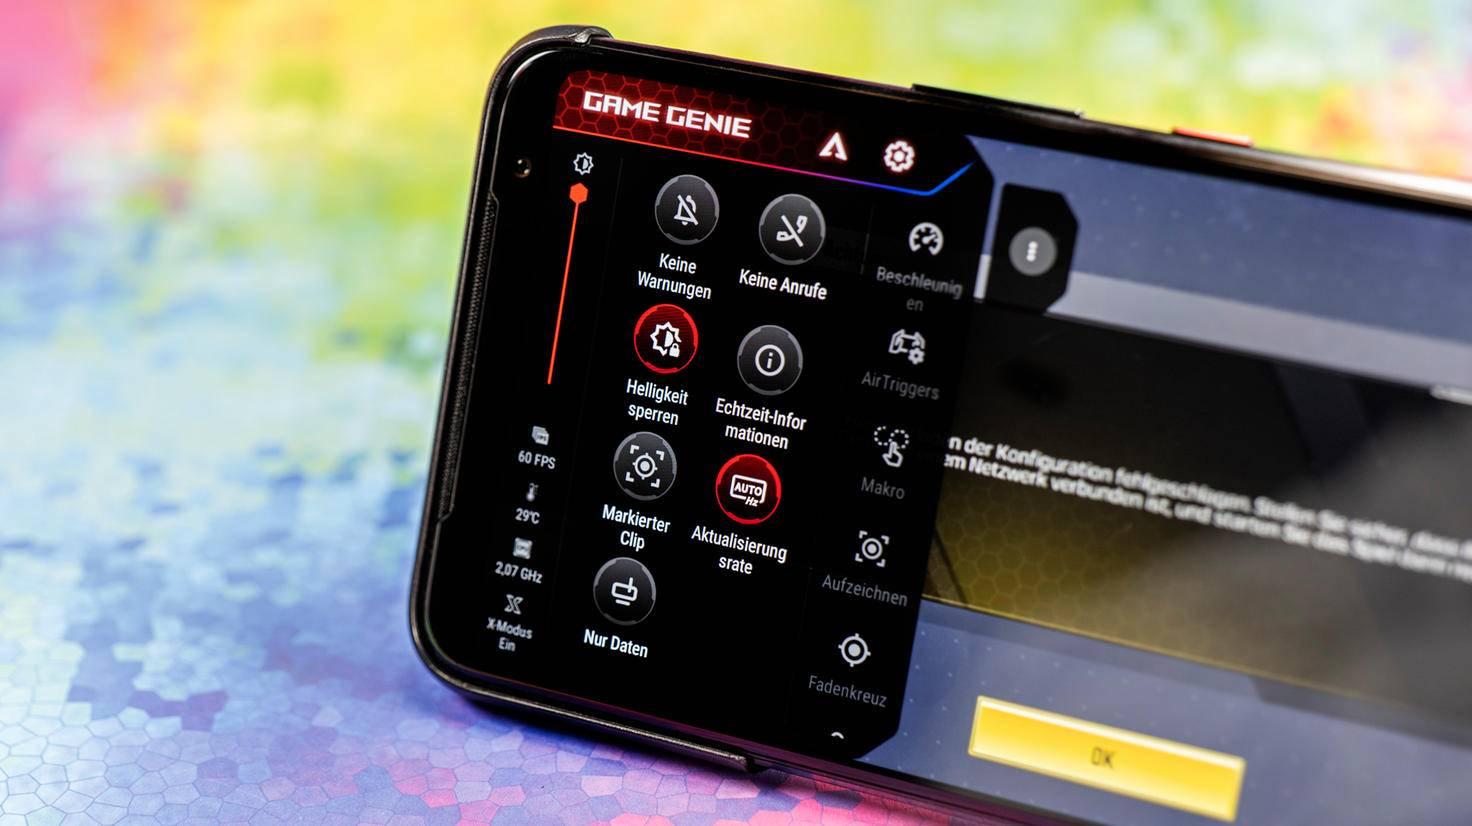 rog-phone-3-game-genie